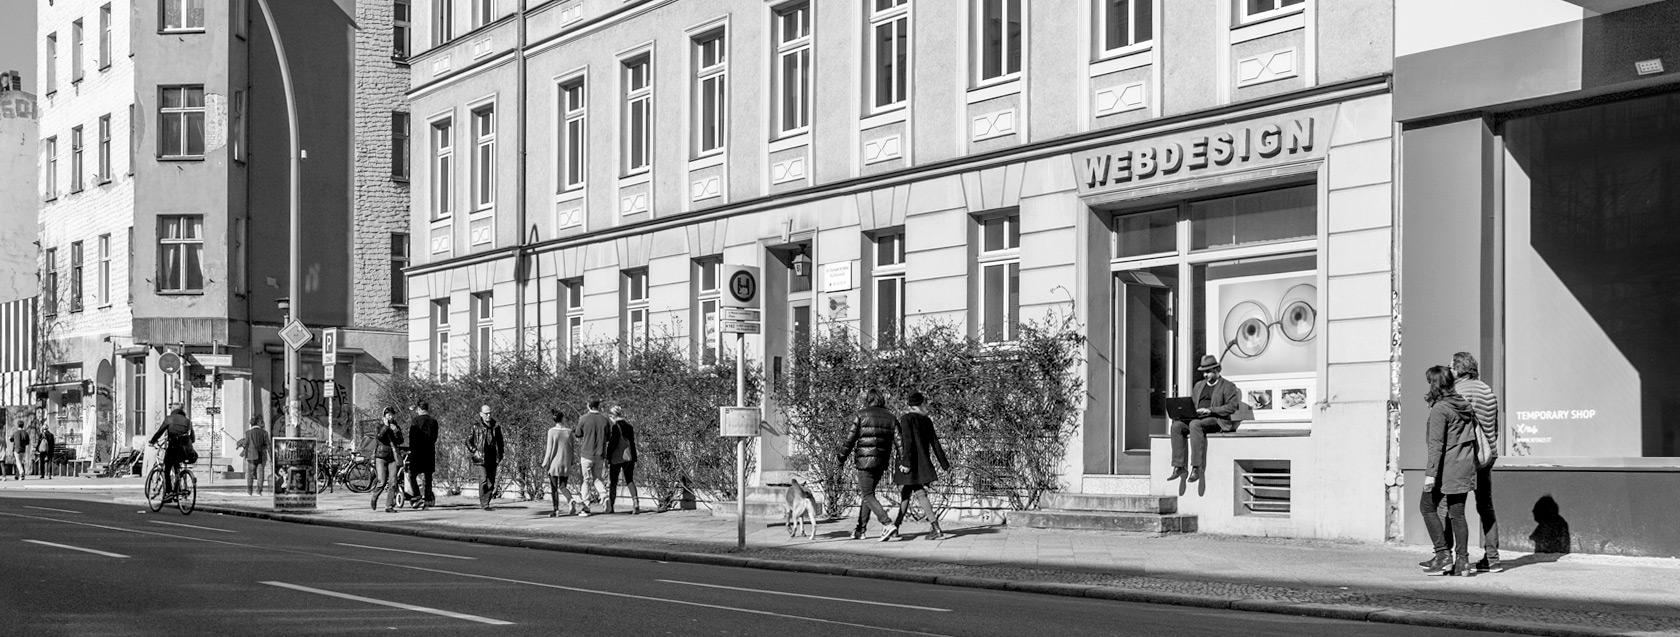 Reister Webdesign - das Büro in der Torstraße 61, Berlin Mitte